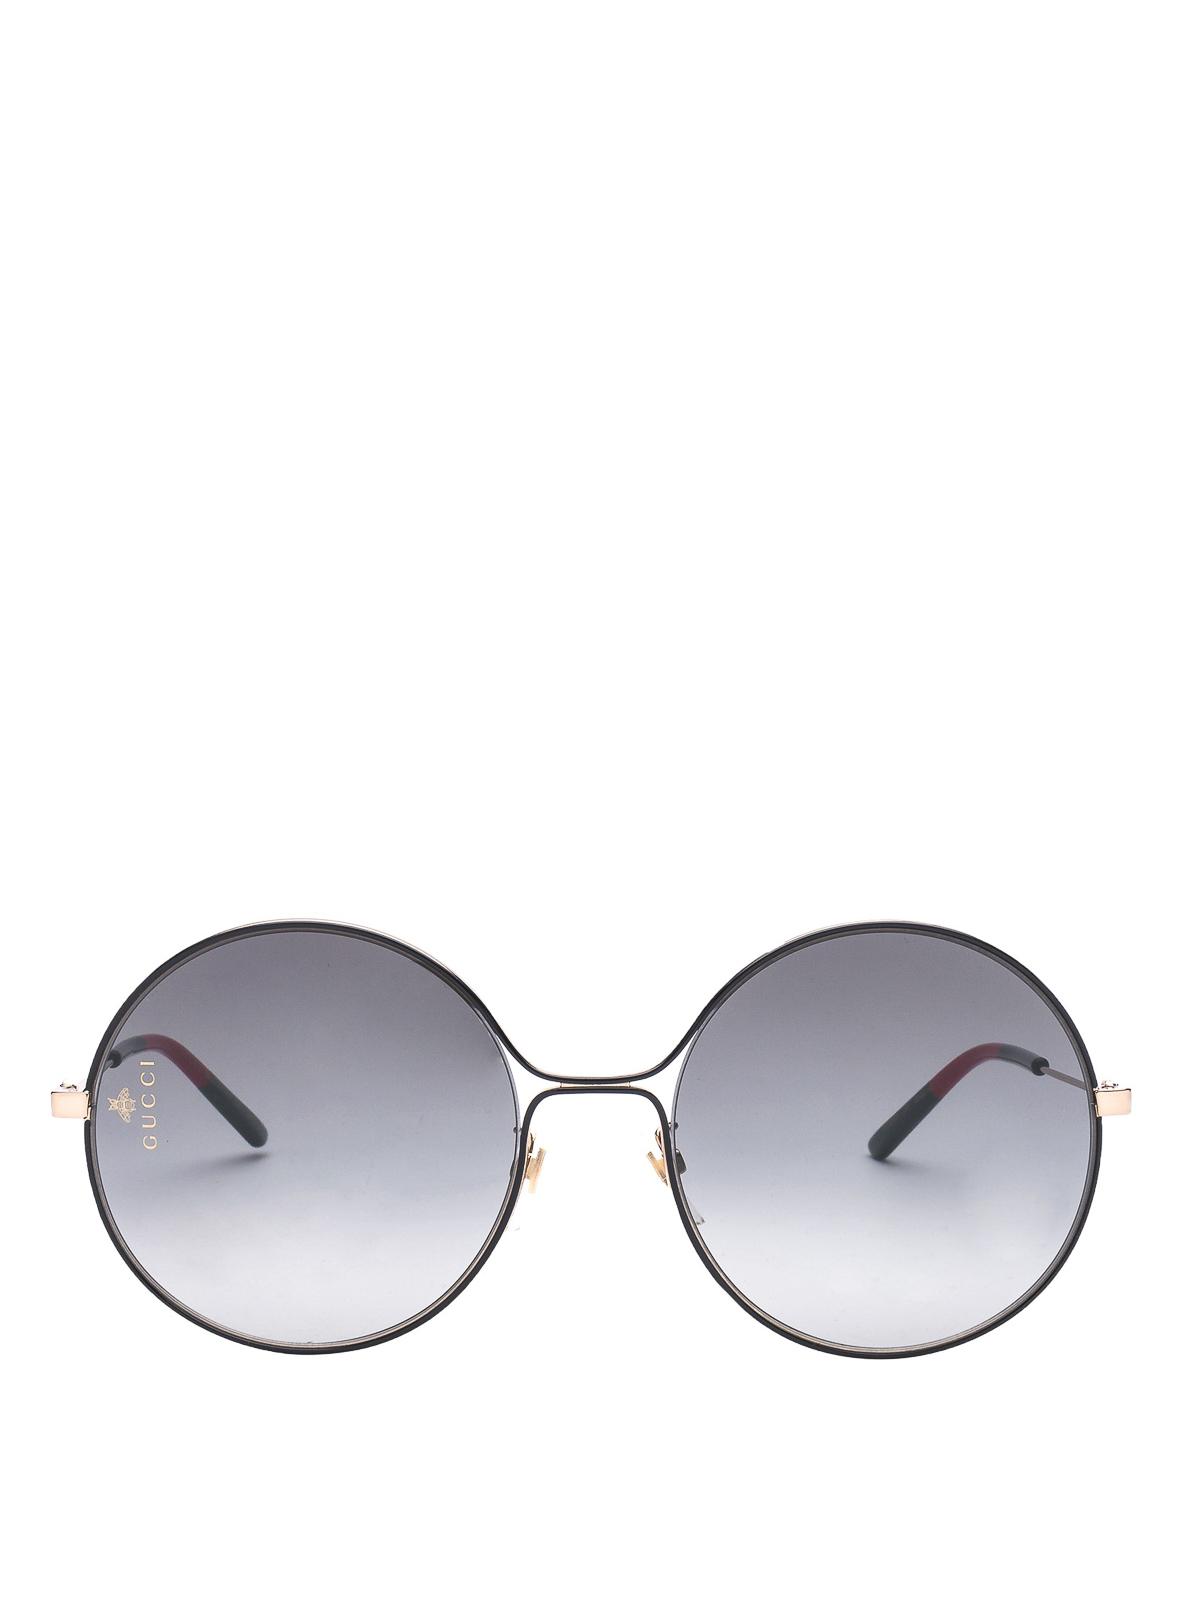 ad214f06de3 Gucci - Web tips metal round sunglasses - عینک آفتابی - GG0395S C001